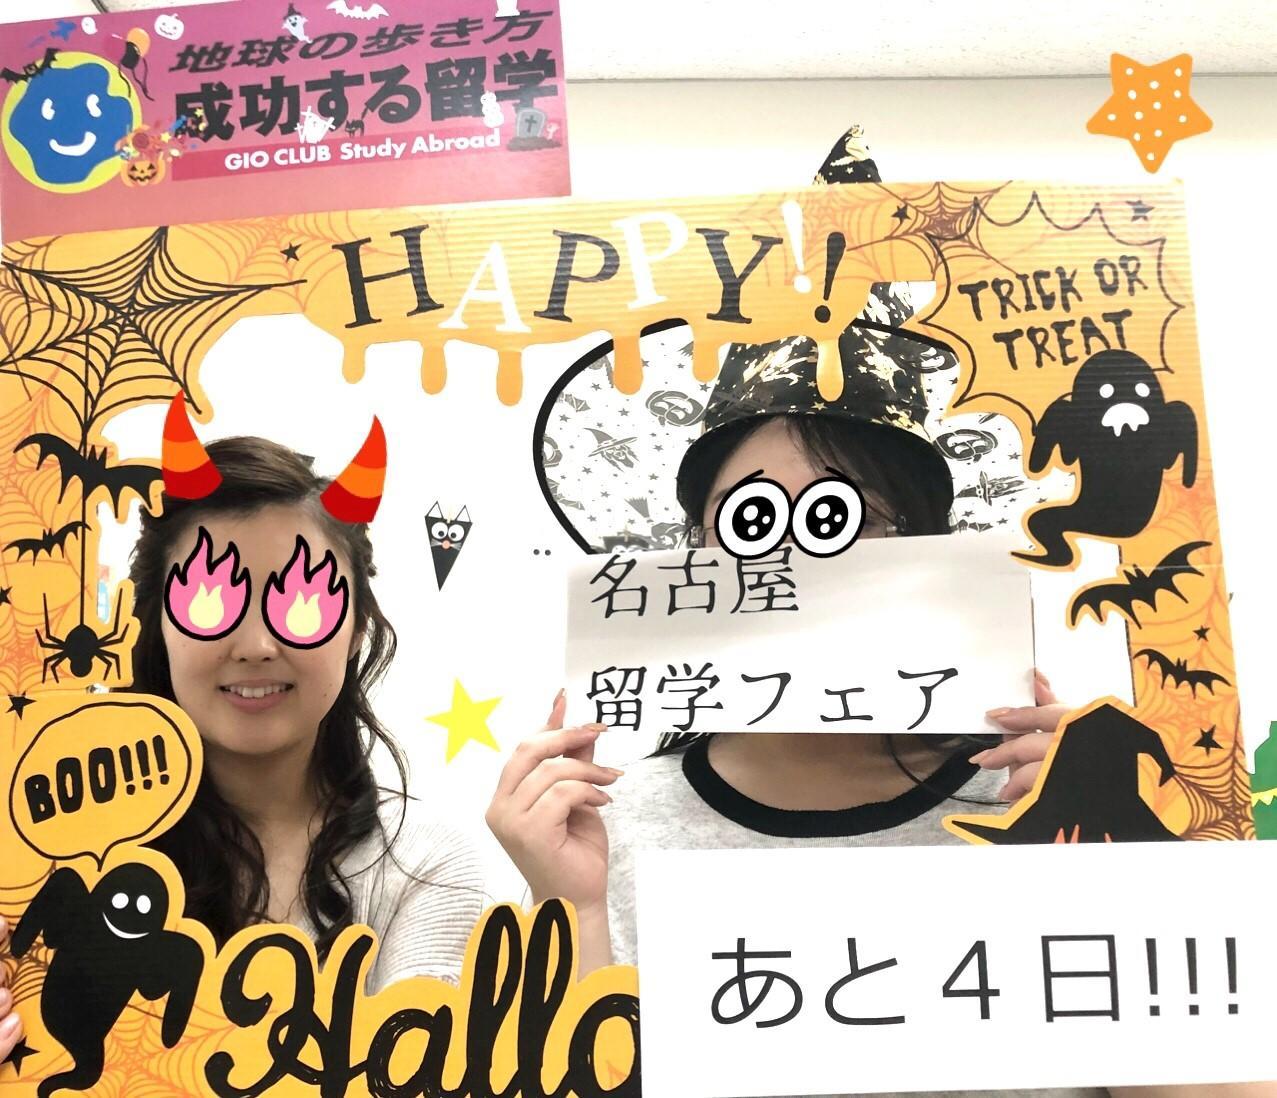 ハロウィンエピソード名古屋留学フェア開催まで、あと4日!